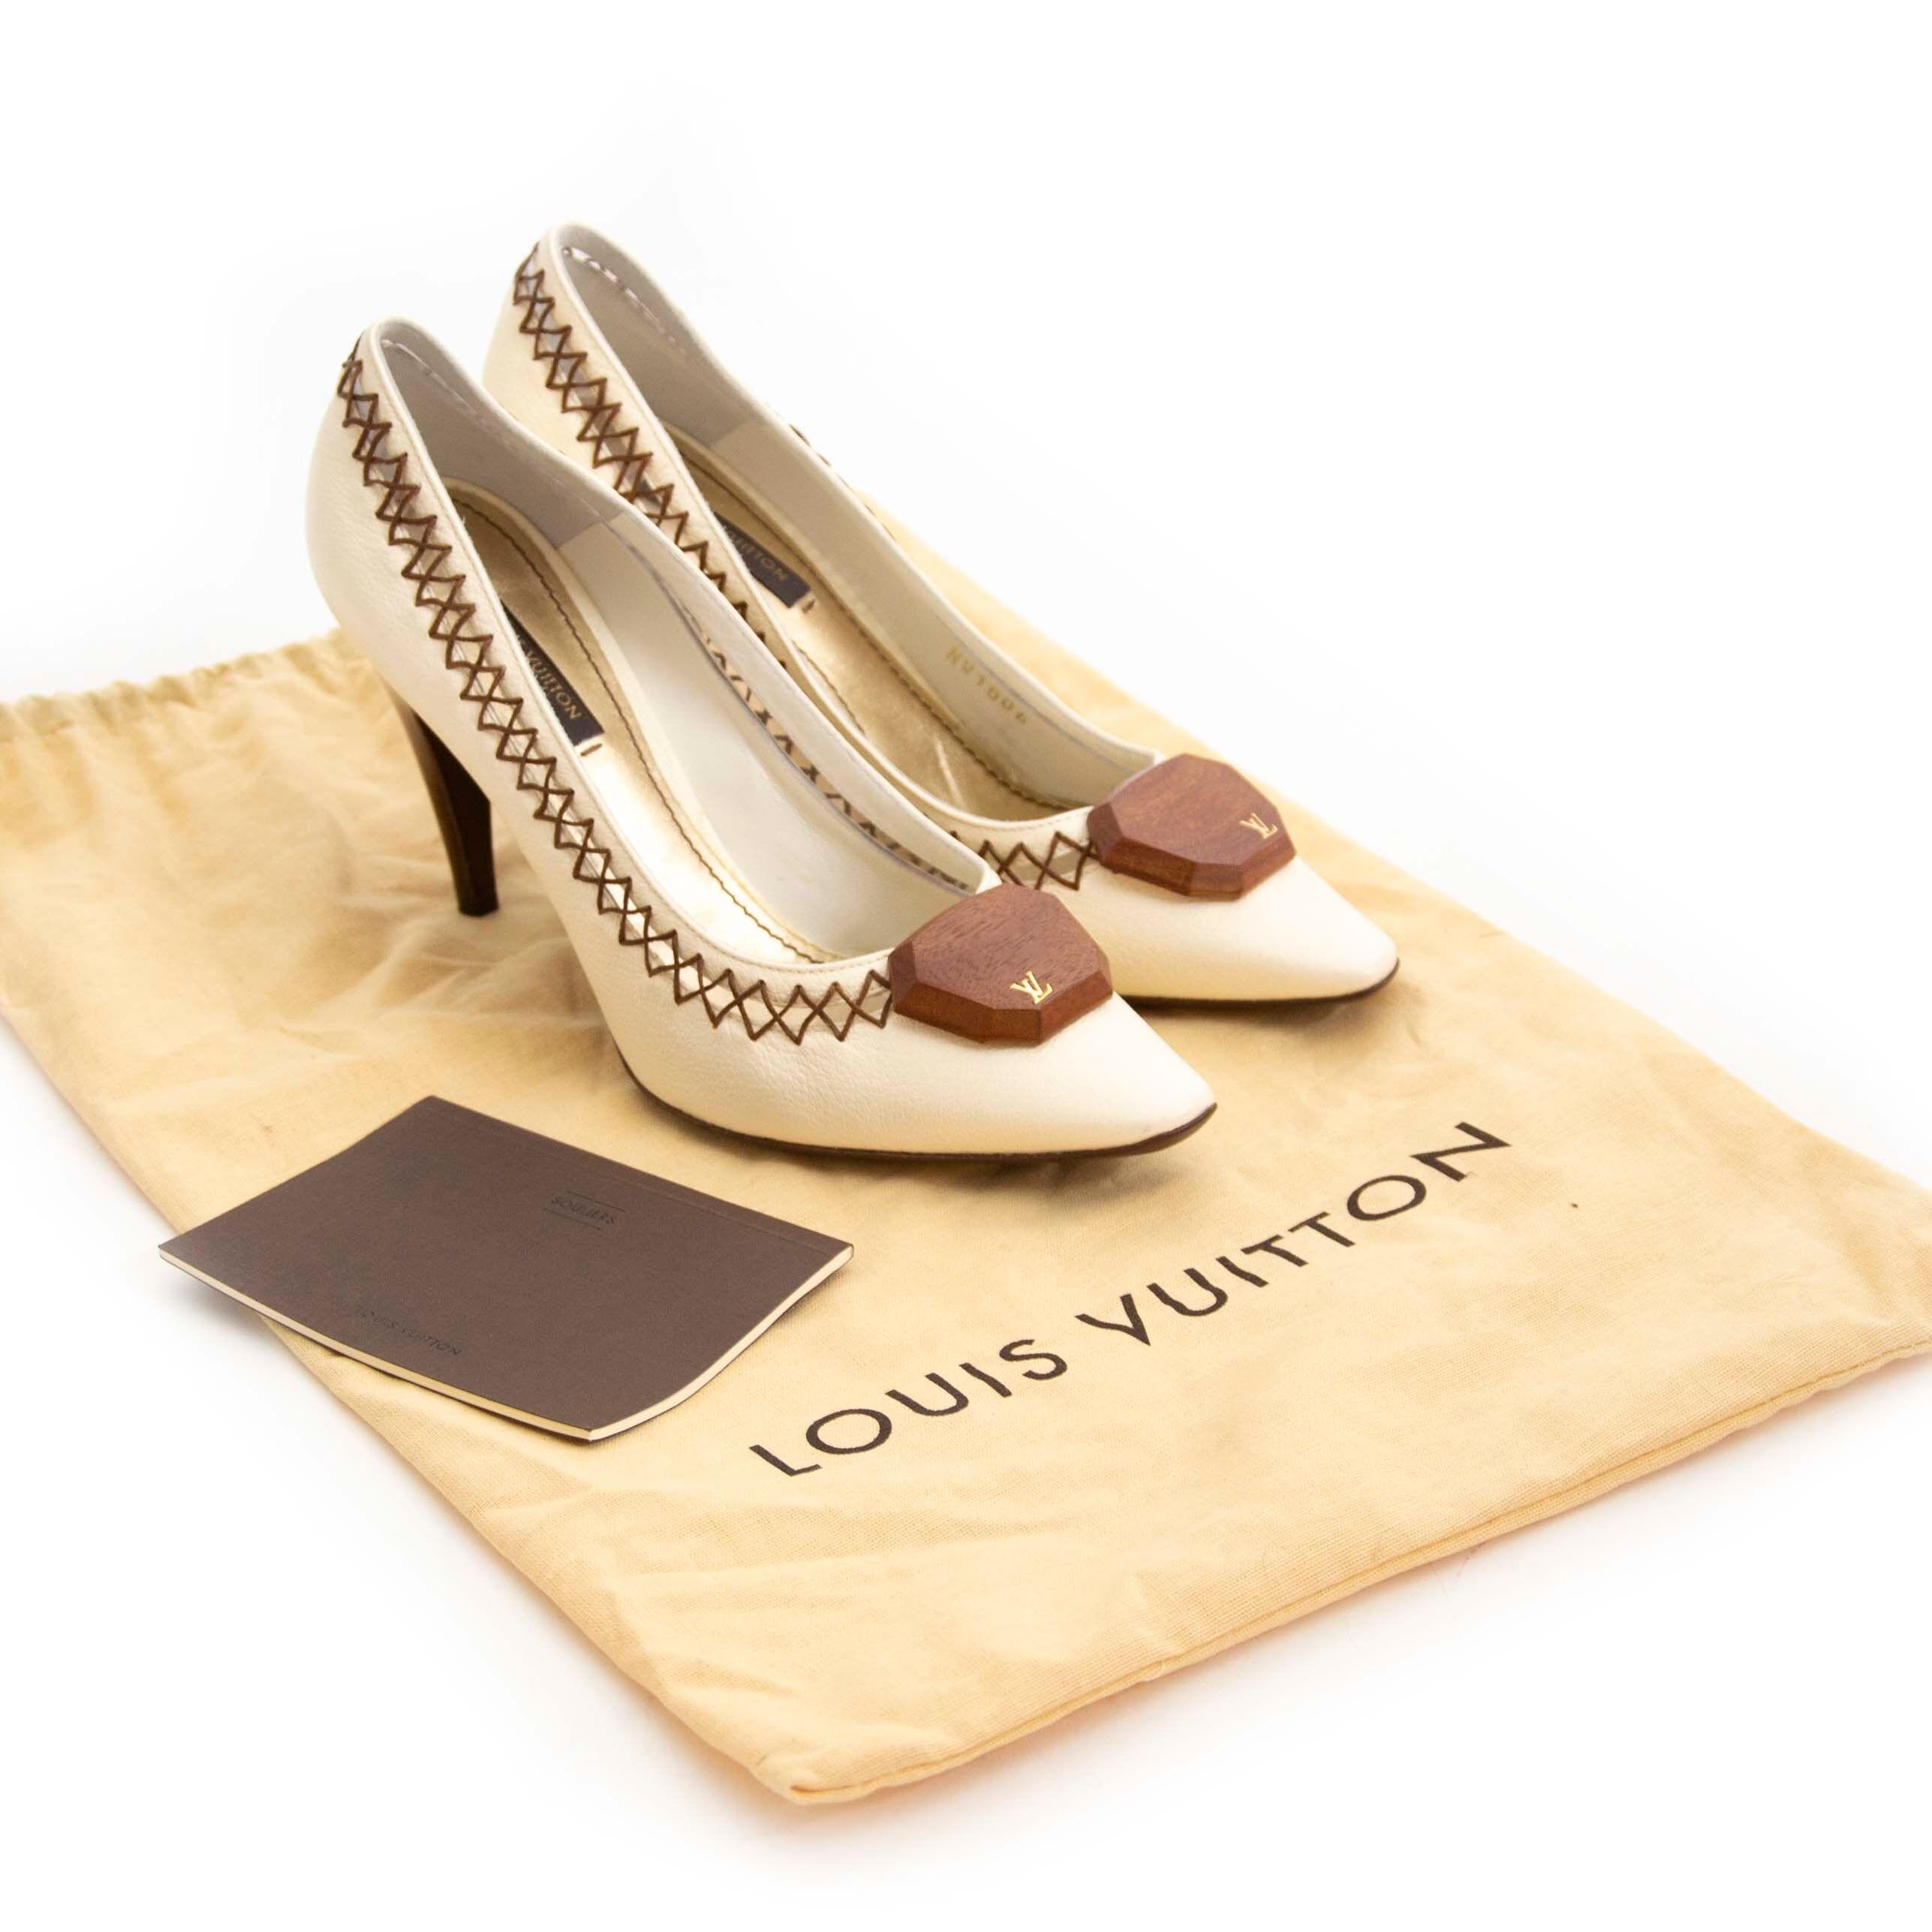 eadc269b5142 Op zoek naar Louis Vuitton pumps  Nu te koop bij labellov.com tegen de